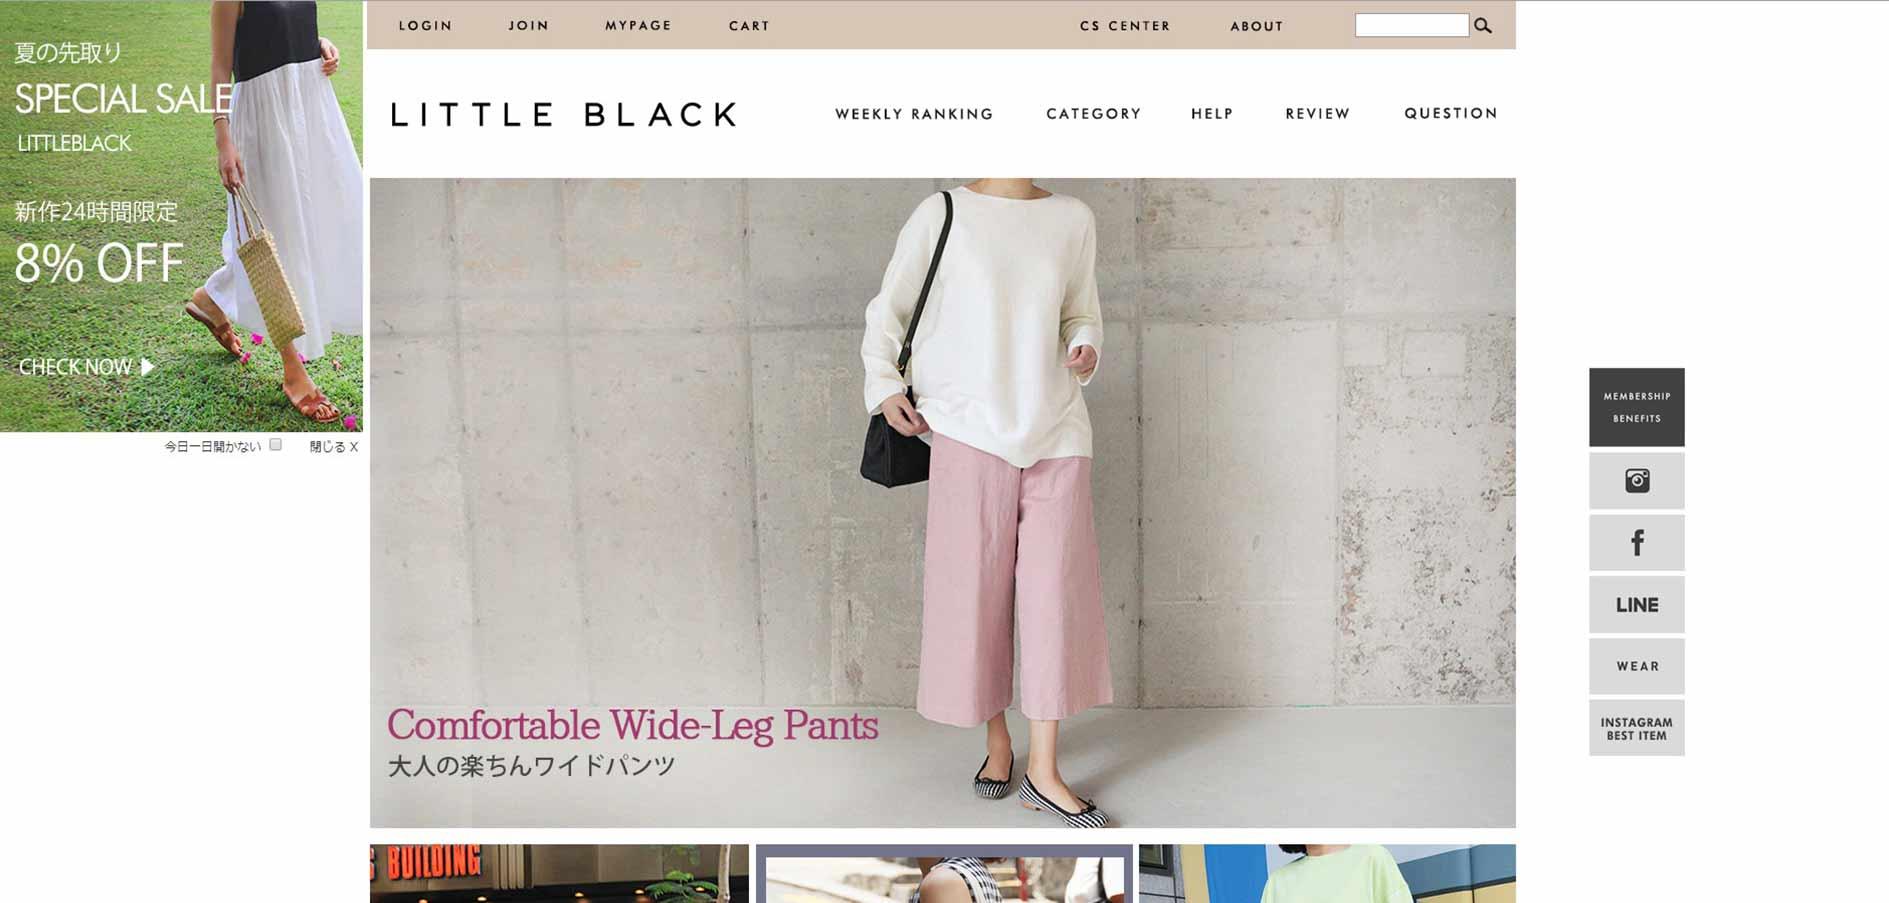 品質とデザインでおすすめな韓国ファッション通販サイトのlittle-black(リトルブラック)